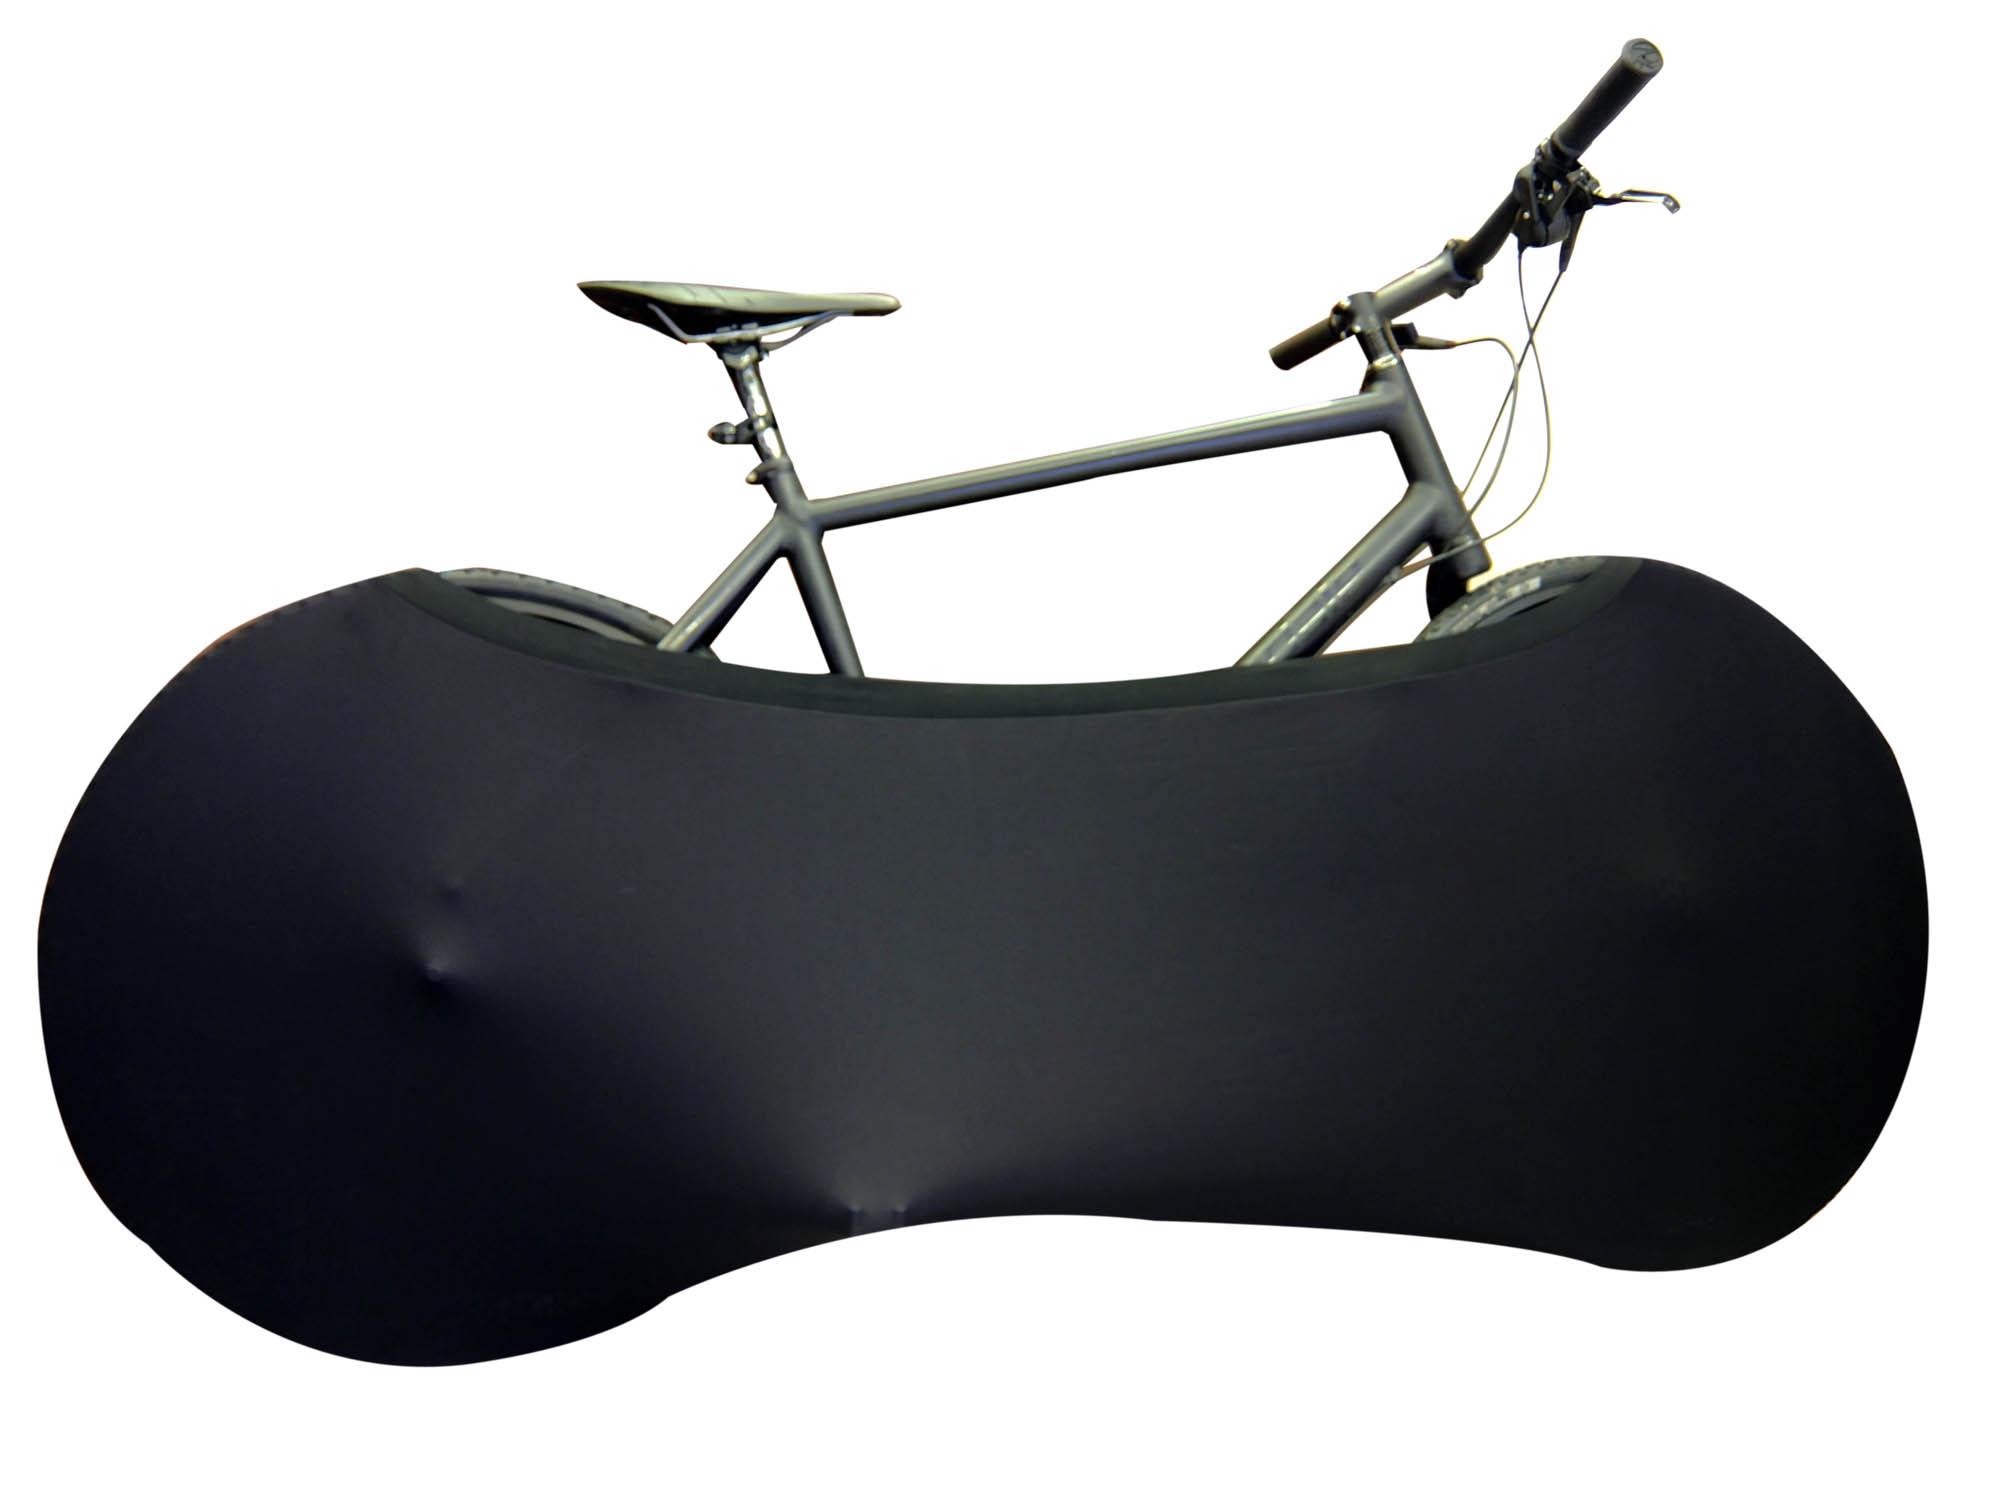 Чехол для велосипеда Welt Оптимум L Черный, Велосипеды - арт. 844460390